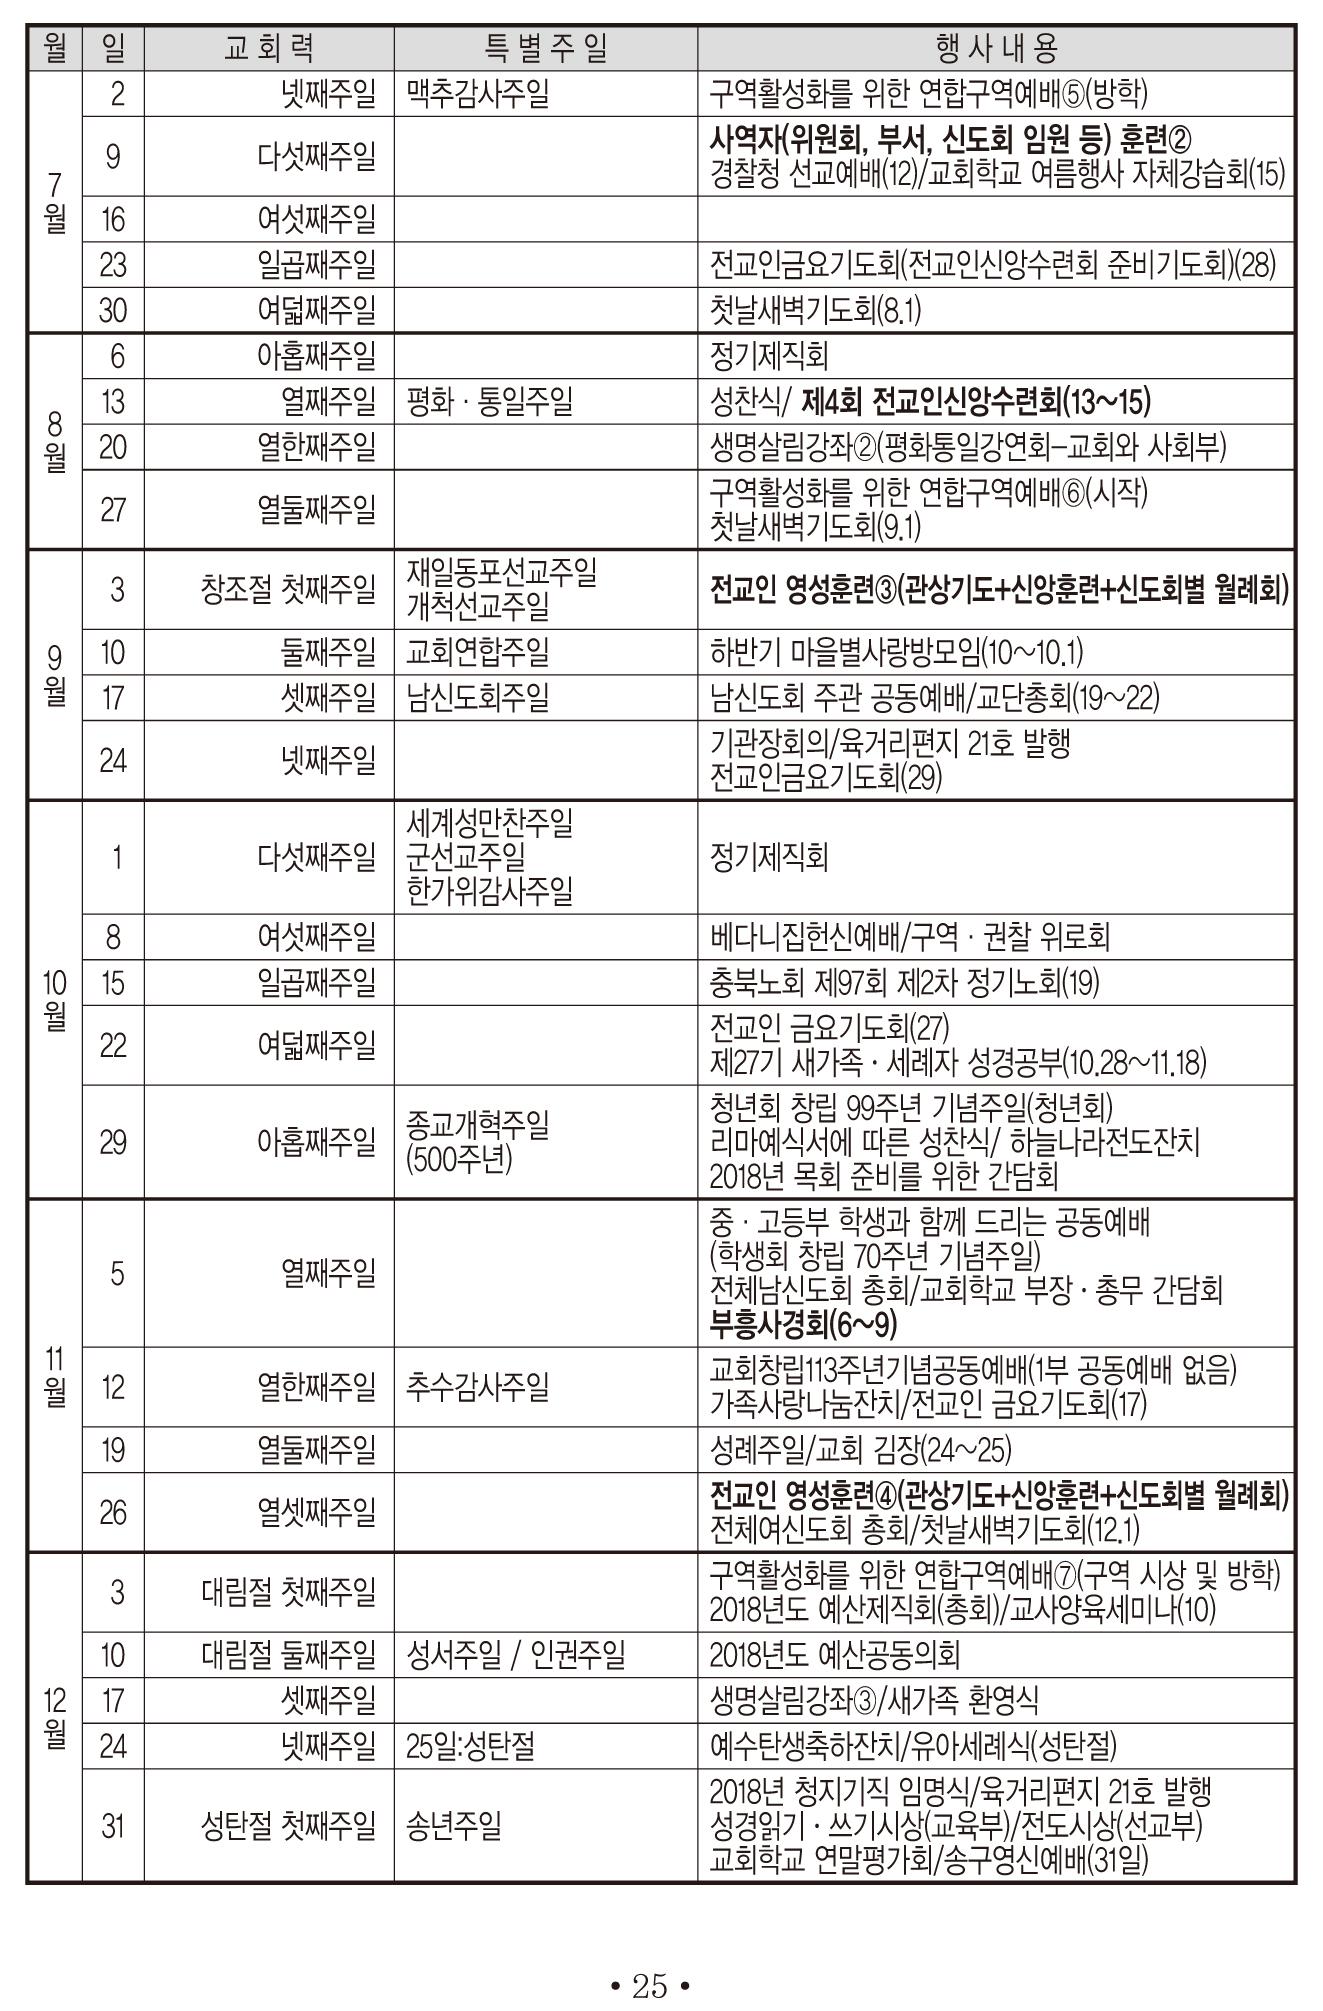 (2017)제일요람-내지4-25.jpg